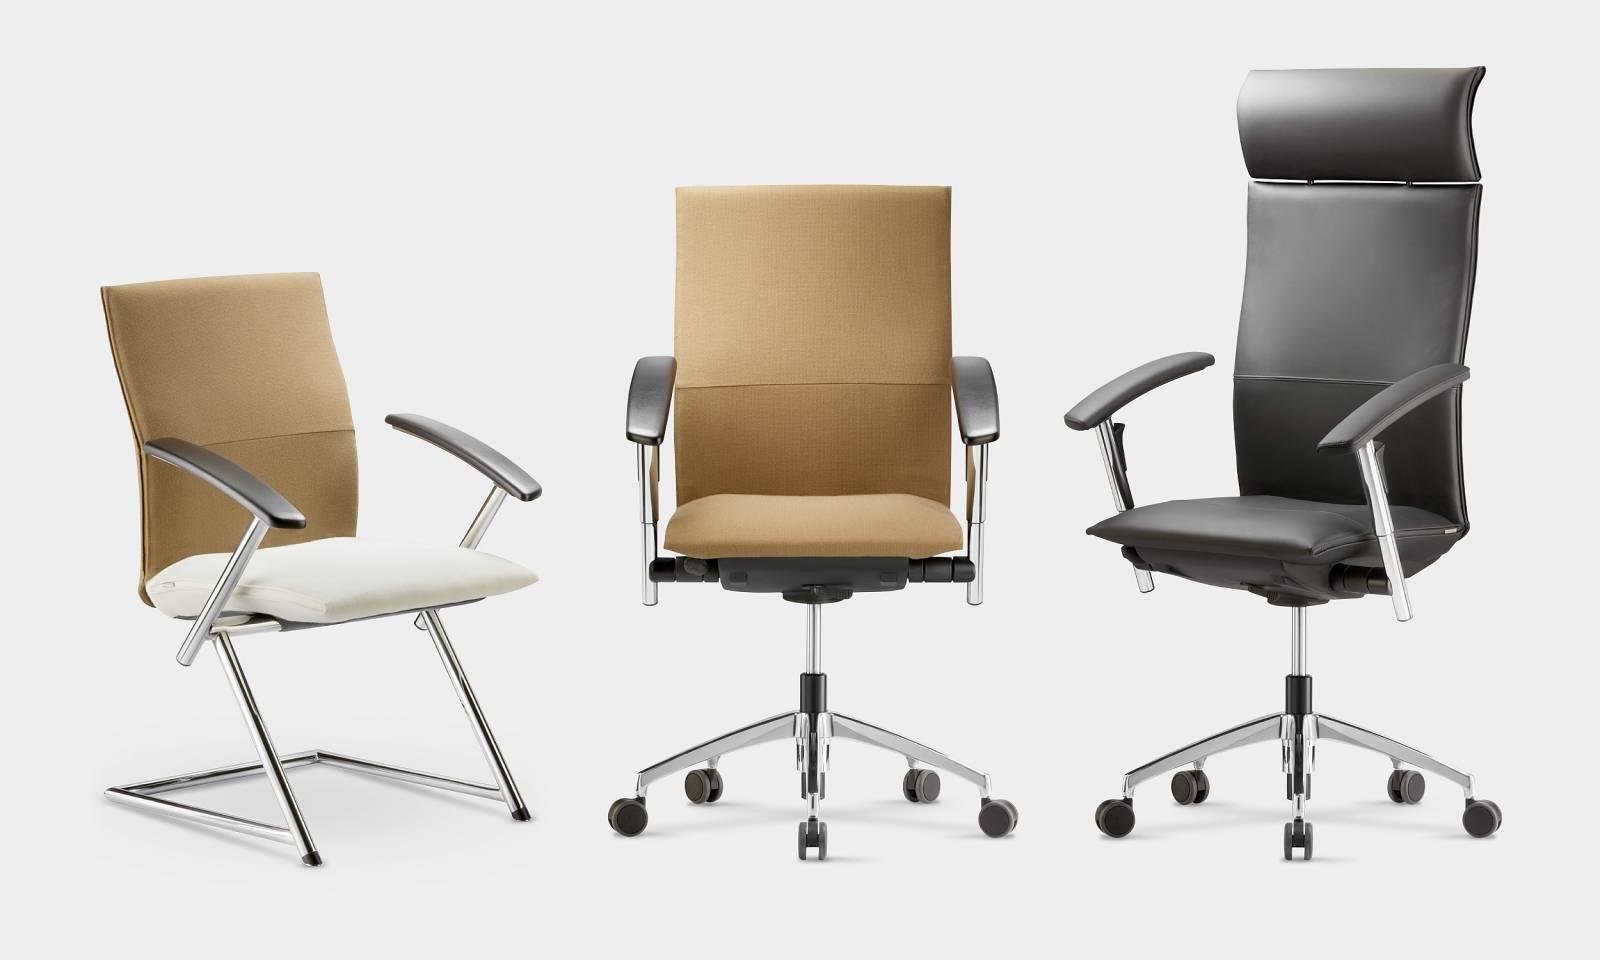 gamme complète TIGER-UP chaise visiteur, chaise de conférence et fauteuil de direction sur Aix les Milles